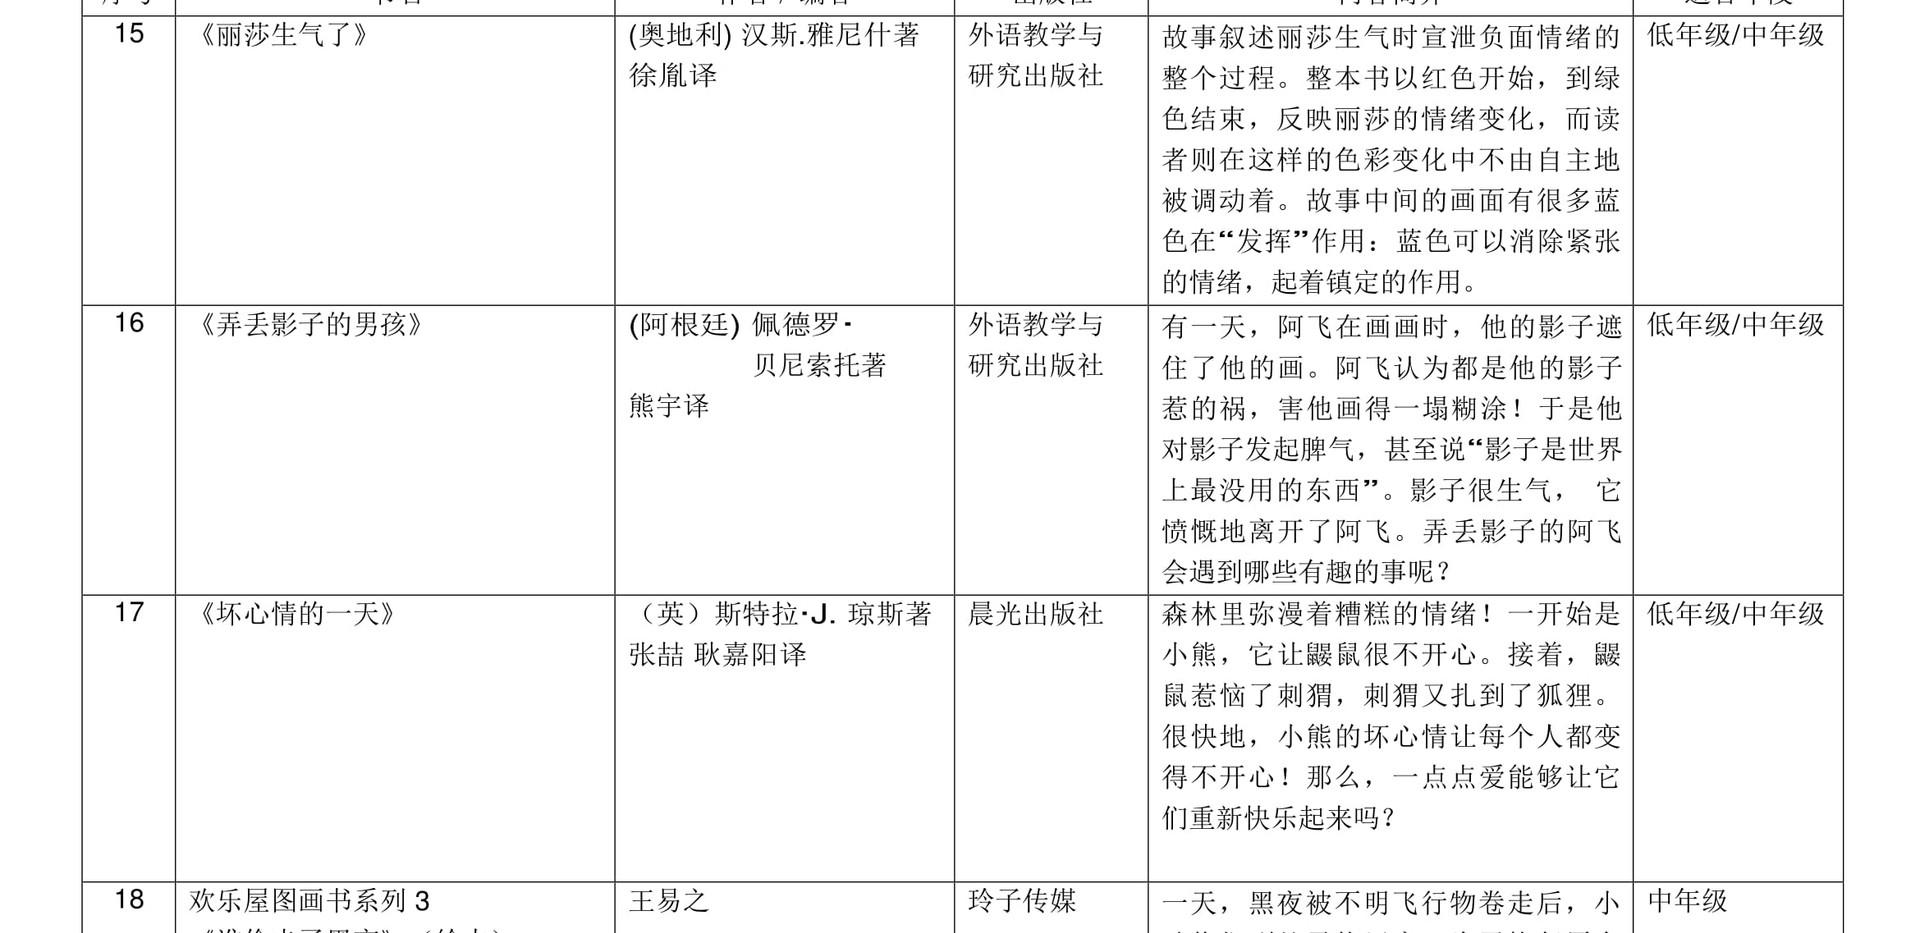 小学华文课外读物参考书目6.jpg